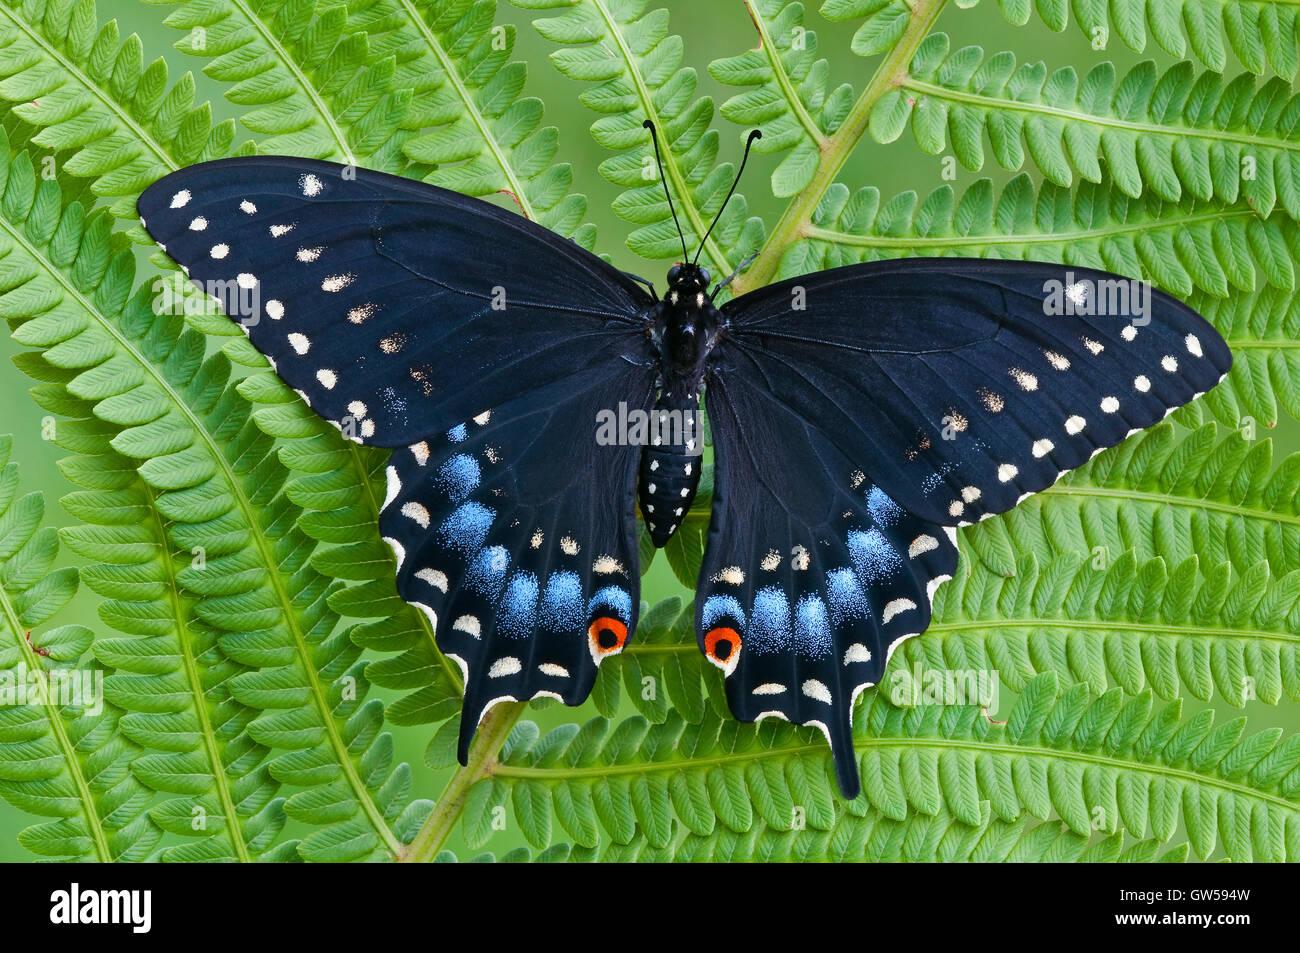 E. Especie Papilio polyxenes mariposas, hembra, descansando en el helecho, Este de los EE.UU. Foto de stock